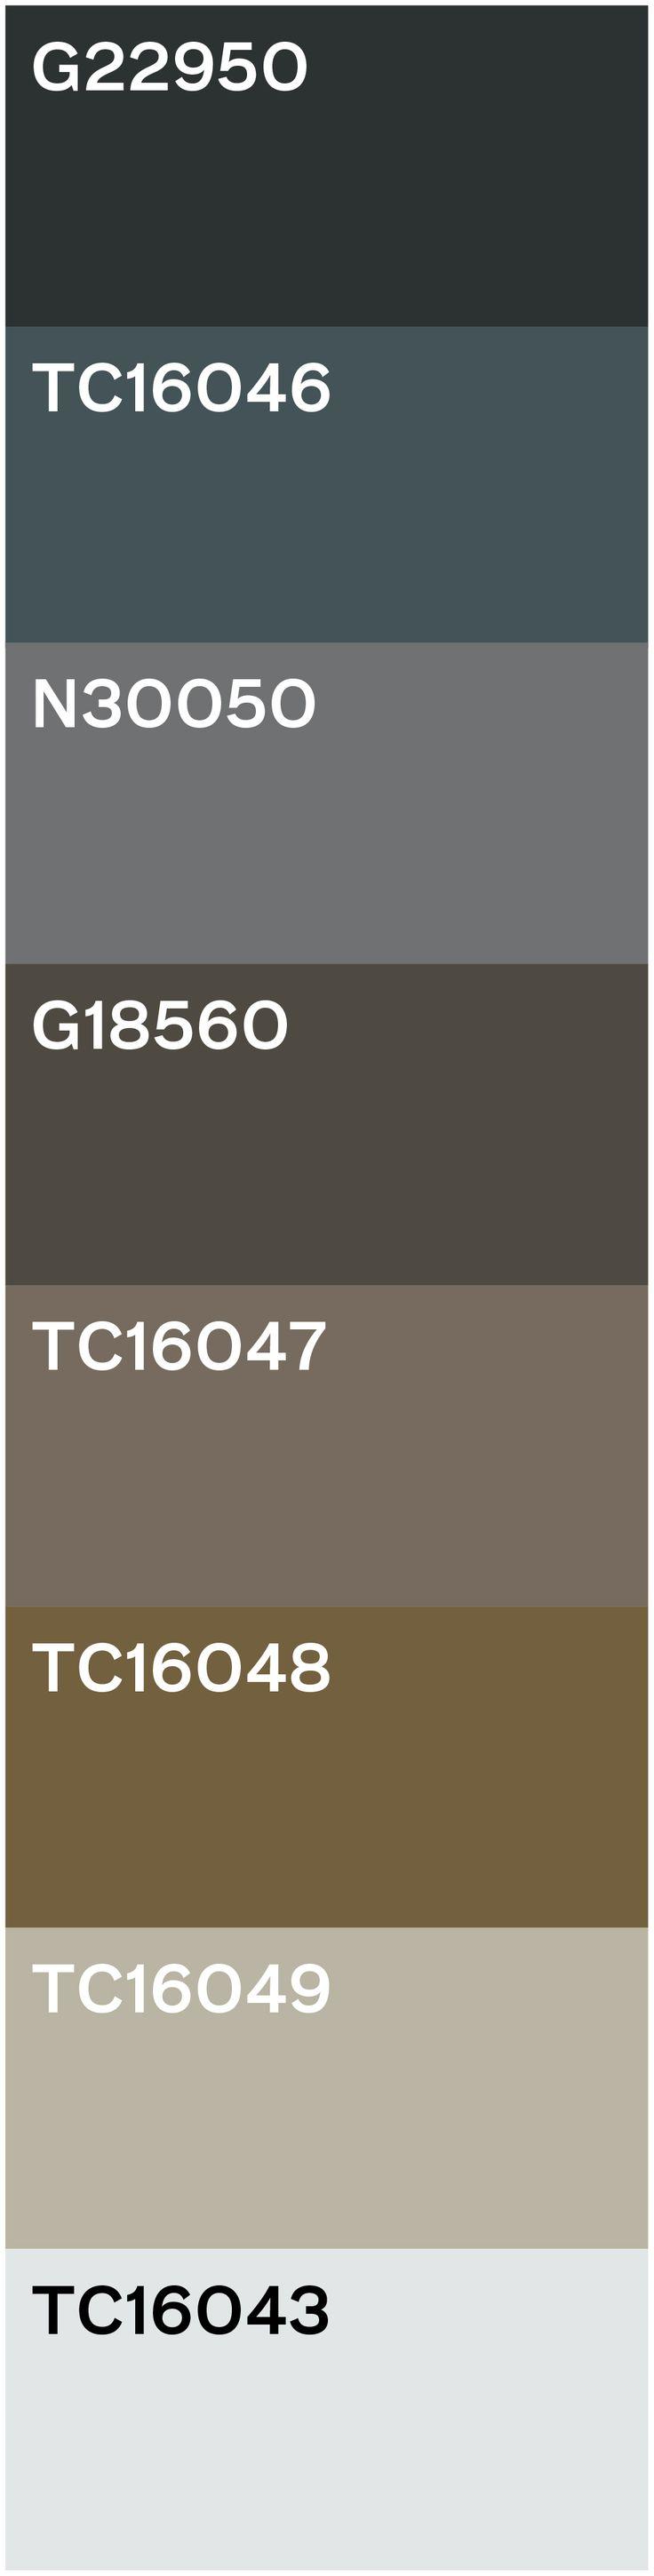 De inspiratie voor dit kleurpalet vindt zijn oorsprong in de stad: het zink van de daken, metaal en hout kleuren, de grijzen en bruinen van beton en bakstenen, de schittering van gebouwen en nat asfalt. De schier oneindige reeks neutralen van een stad. Hier en daar een toefje groen van mossige aanslag op steen geeft net wat levendige natuurlijkheid aan de neutralen. We mixen niet alleen met kleur, maar ook met verschillende stijlen: vintage, industrieel, klassiek, modern em geometrisch.